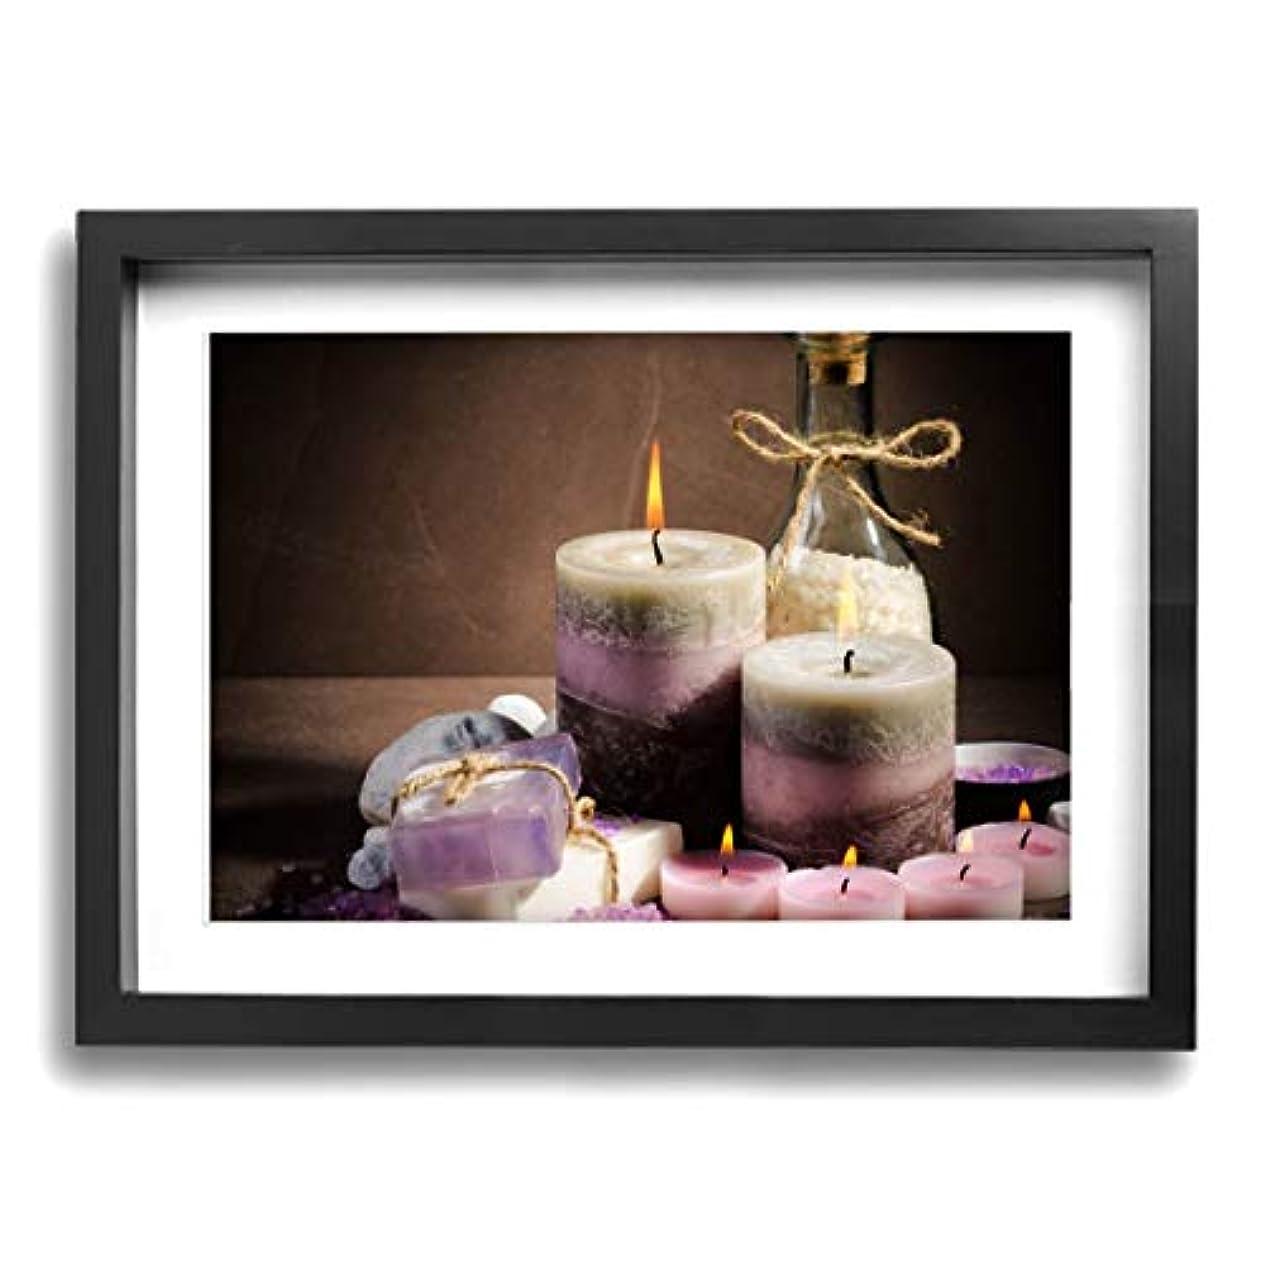 やりすぎ誓い先行する魅力的な芸術 30x40cm Spa Purple Color Candle Oil キャンバスの壁アート 画像プリント絵画リビングルームの壁の装飾と家の装飾のための現代アートワークハングする準備ができて